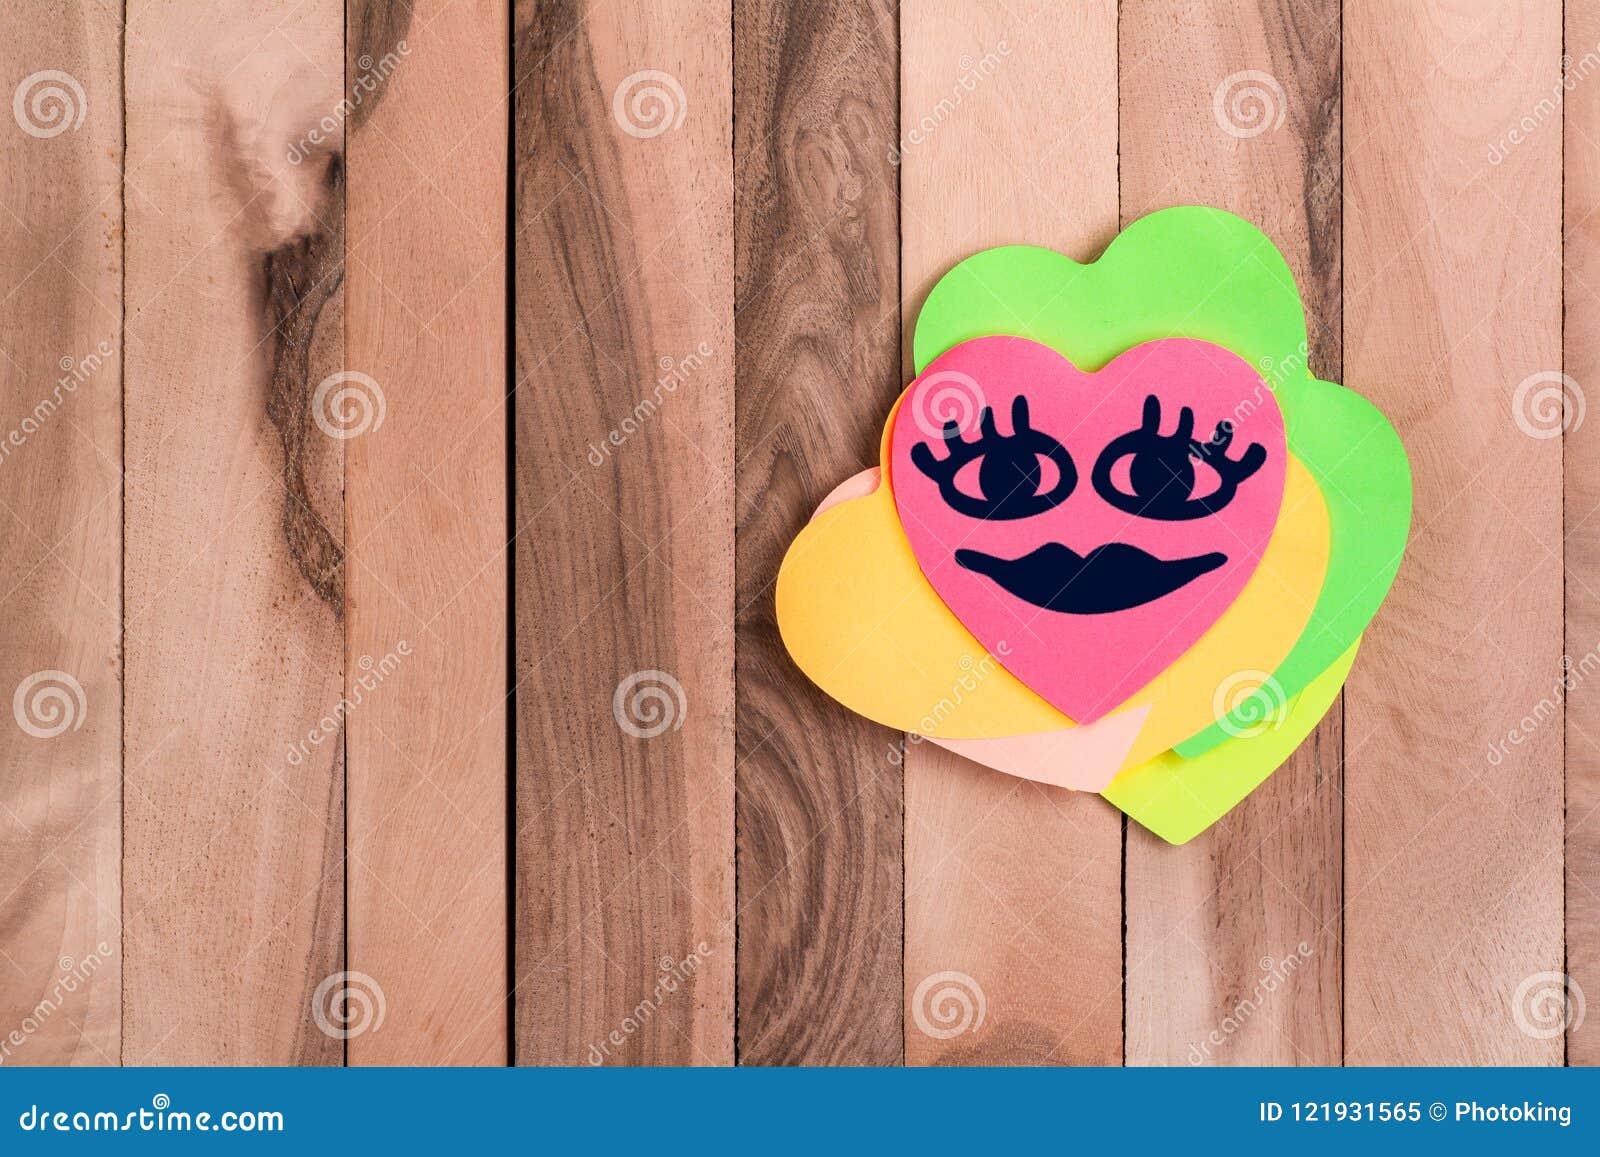 Emoji heureux de coeur mignon